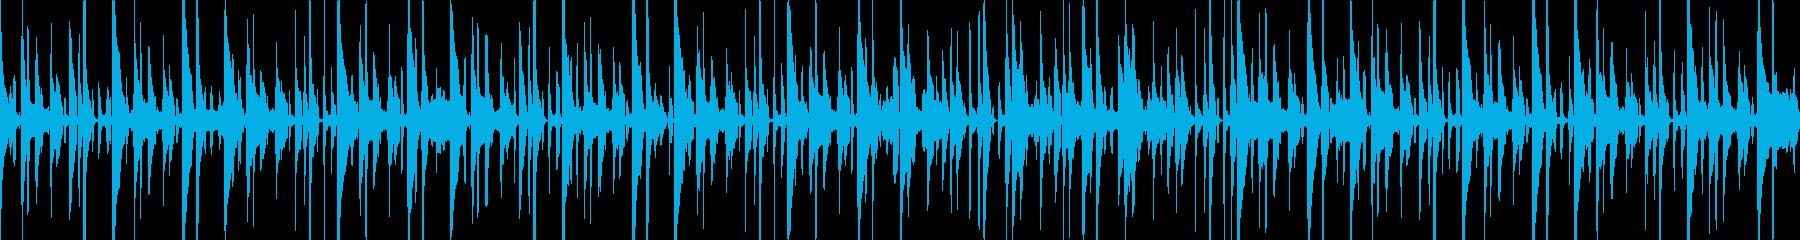 ゆったりとしたほのぼのファンクの再生済みの波形